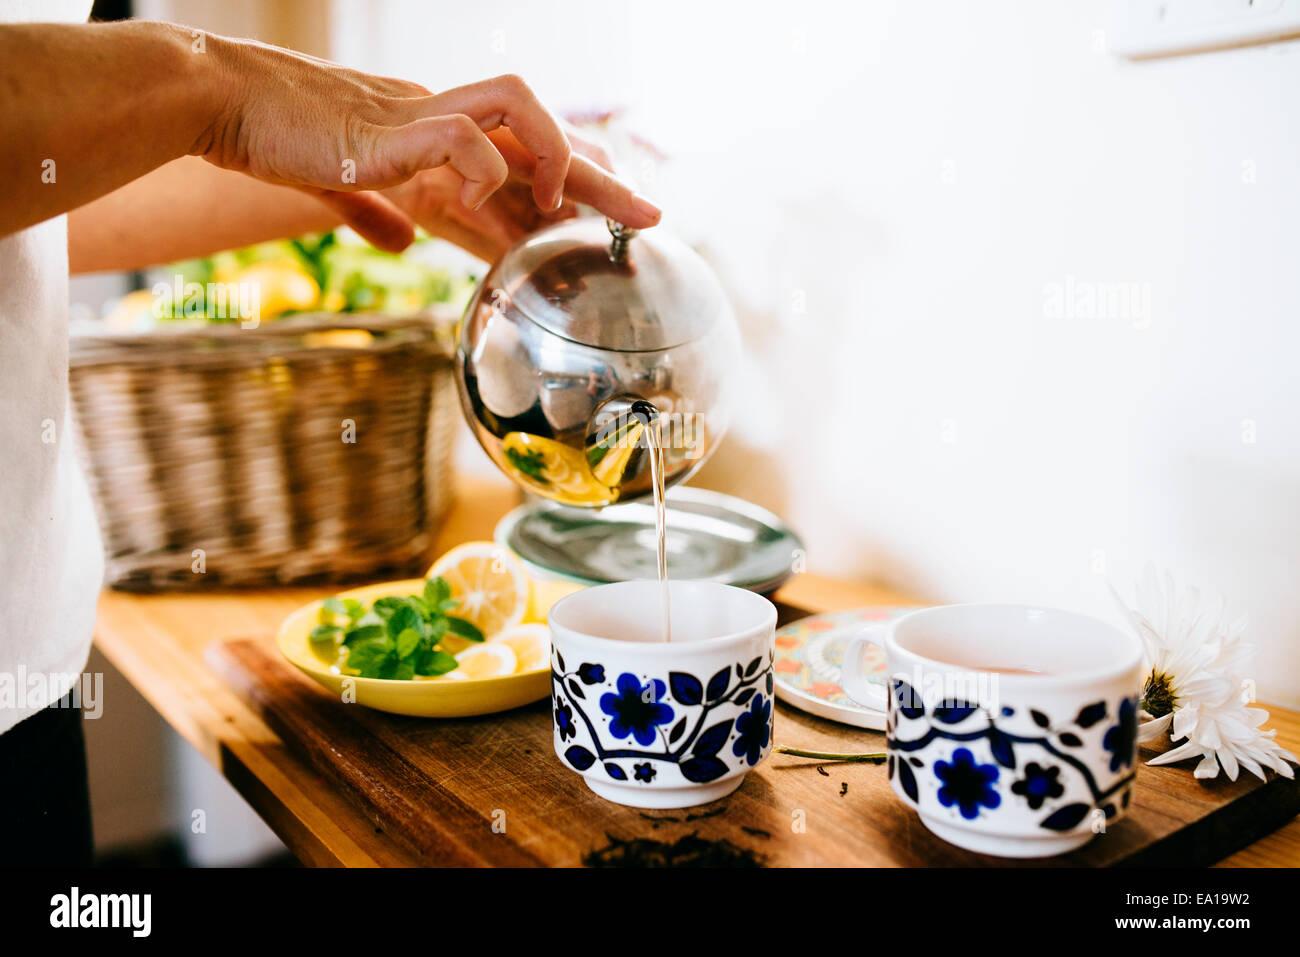 La donna la preparazione di limone e tè alla menta Immagini Stock